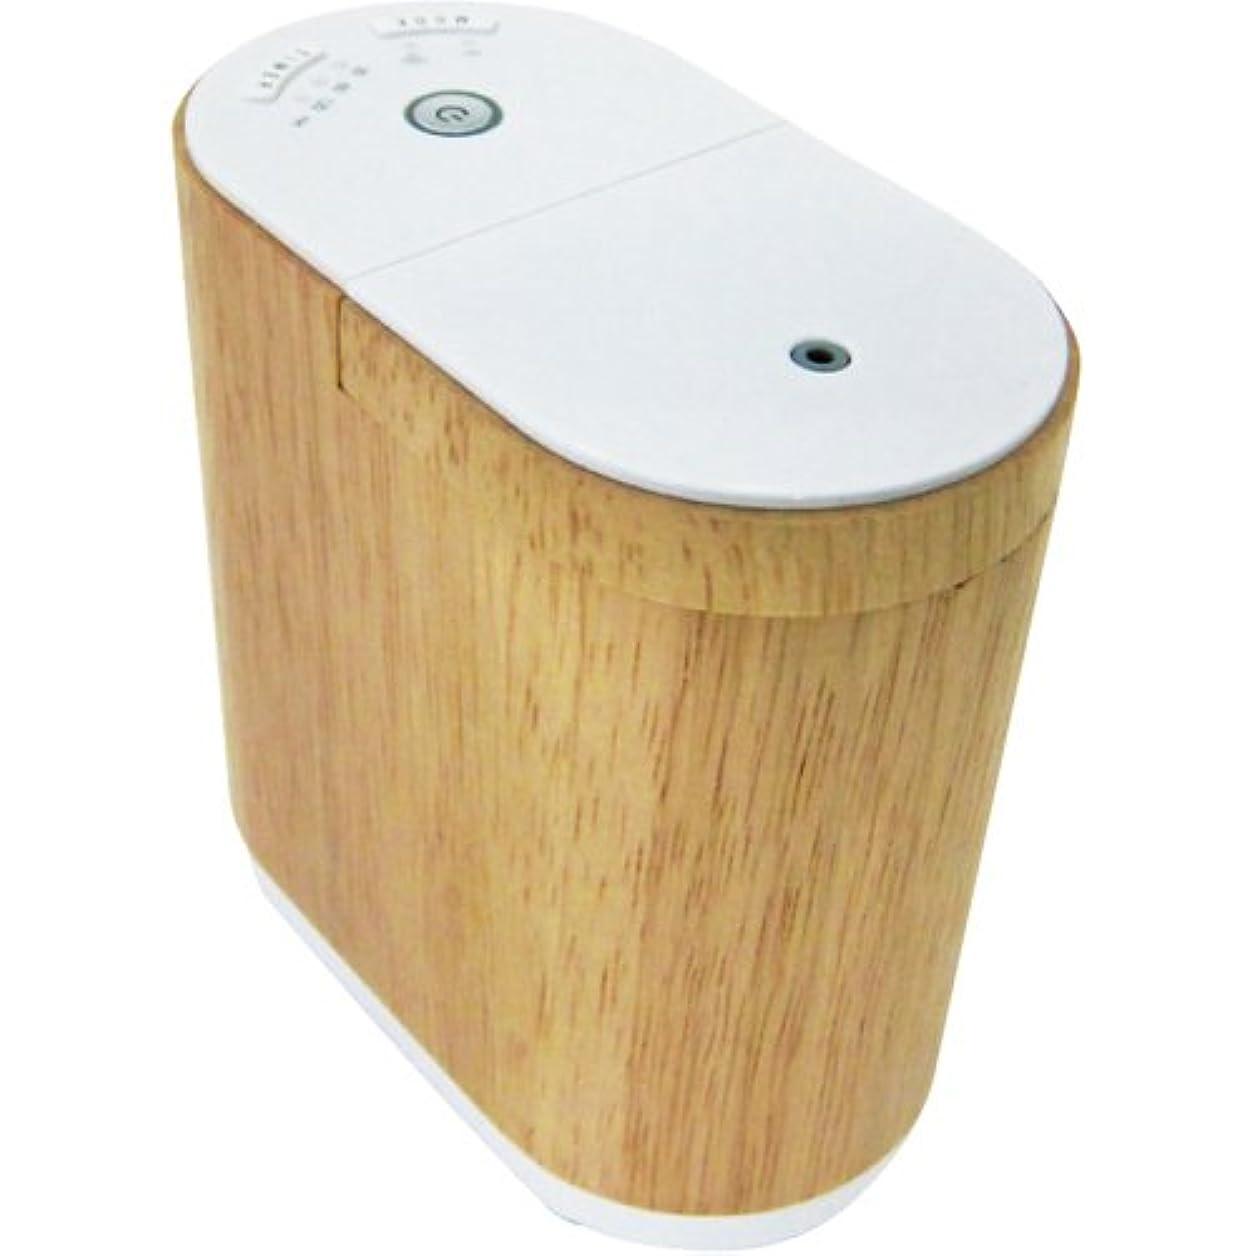 ラベンダースラック農学生活の木 アロマディフューザー(ウッド)エッセンシャルオイルディフューザー aromore(アロモア) 08-801-6010